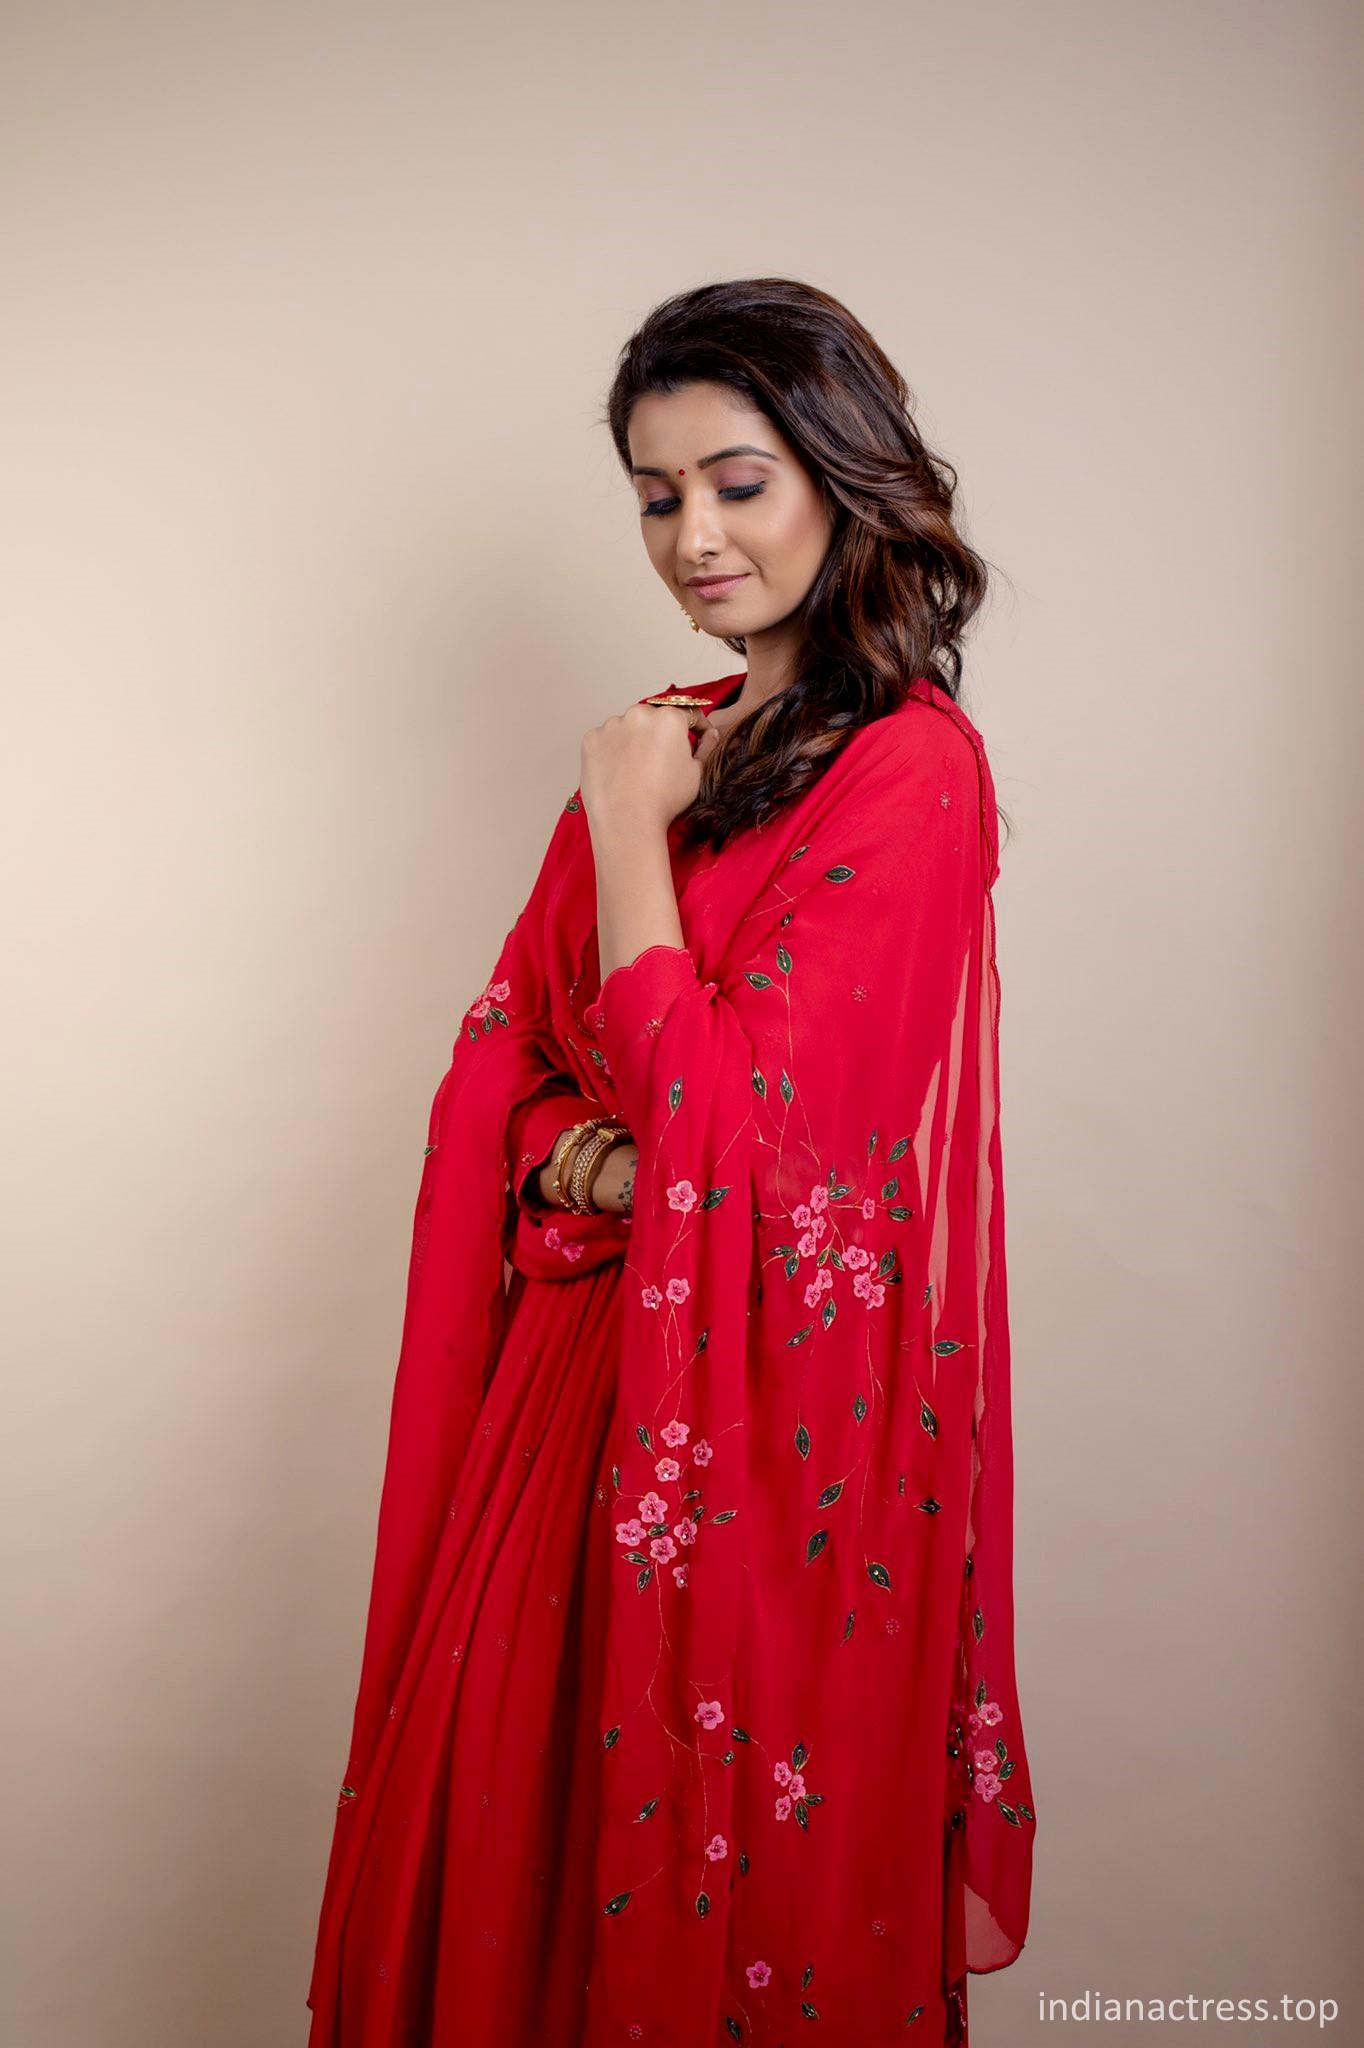 Priya Bhavani Shankar Latest PICS, Priya Bhavani Shankar latest red saree pics, Priya Bhavani Shankar hot red saree